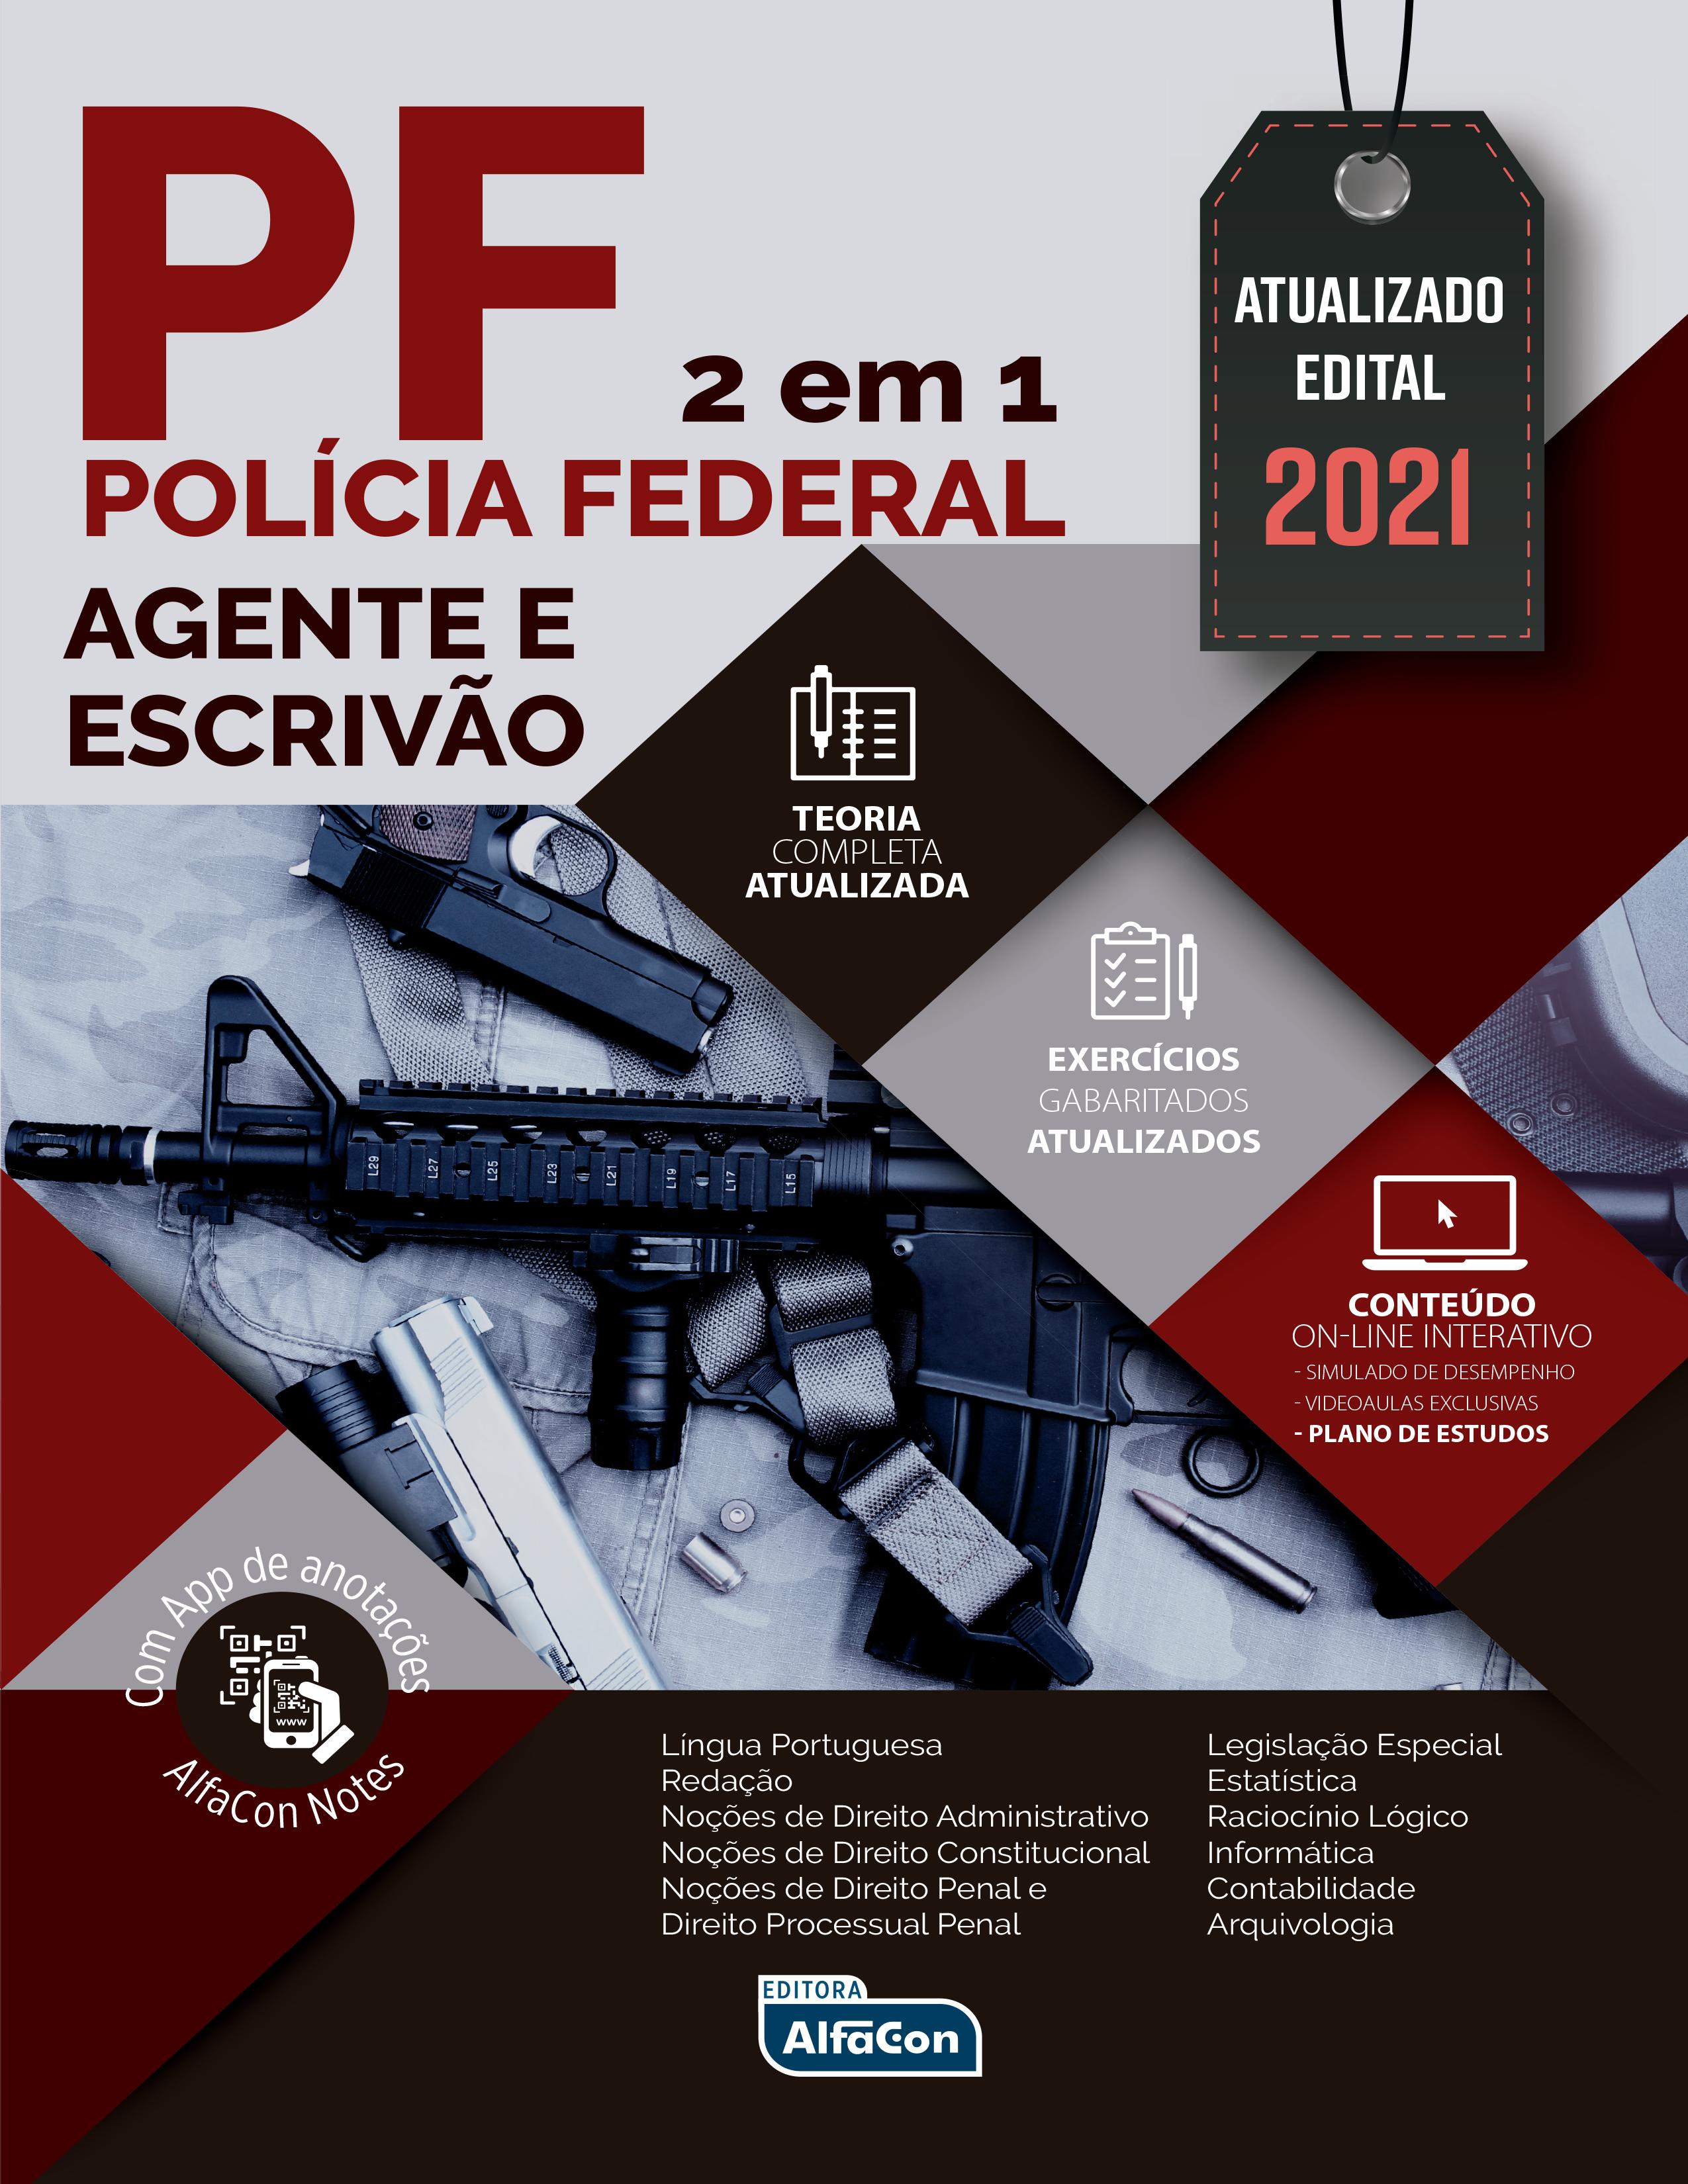 Polícia Federal 2 em 1 - Agente e Escrivão